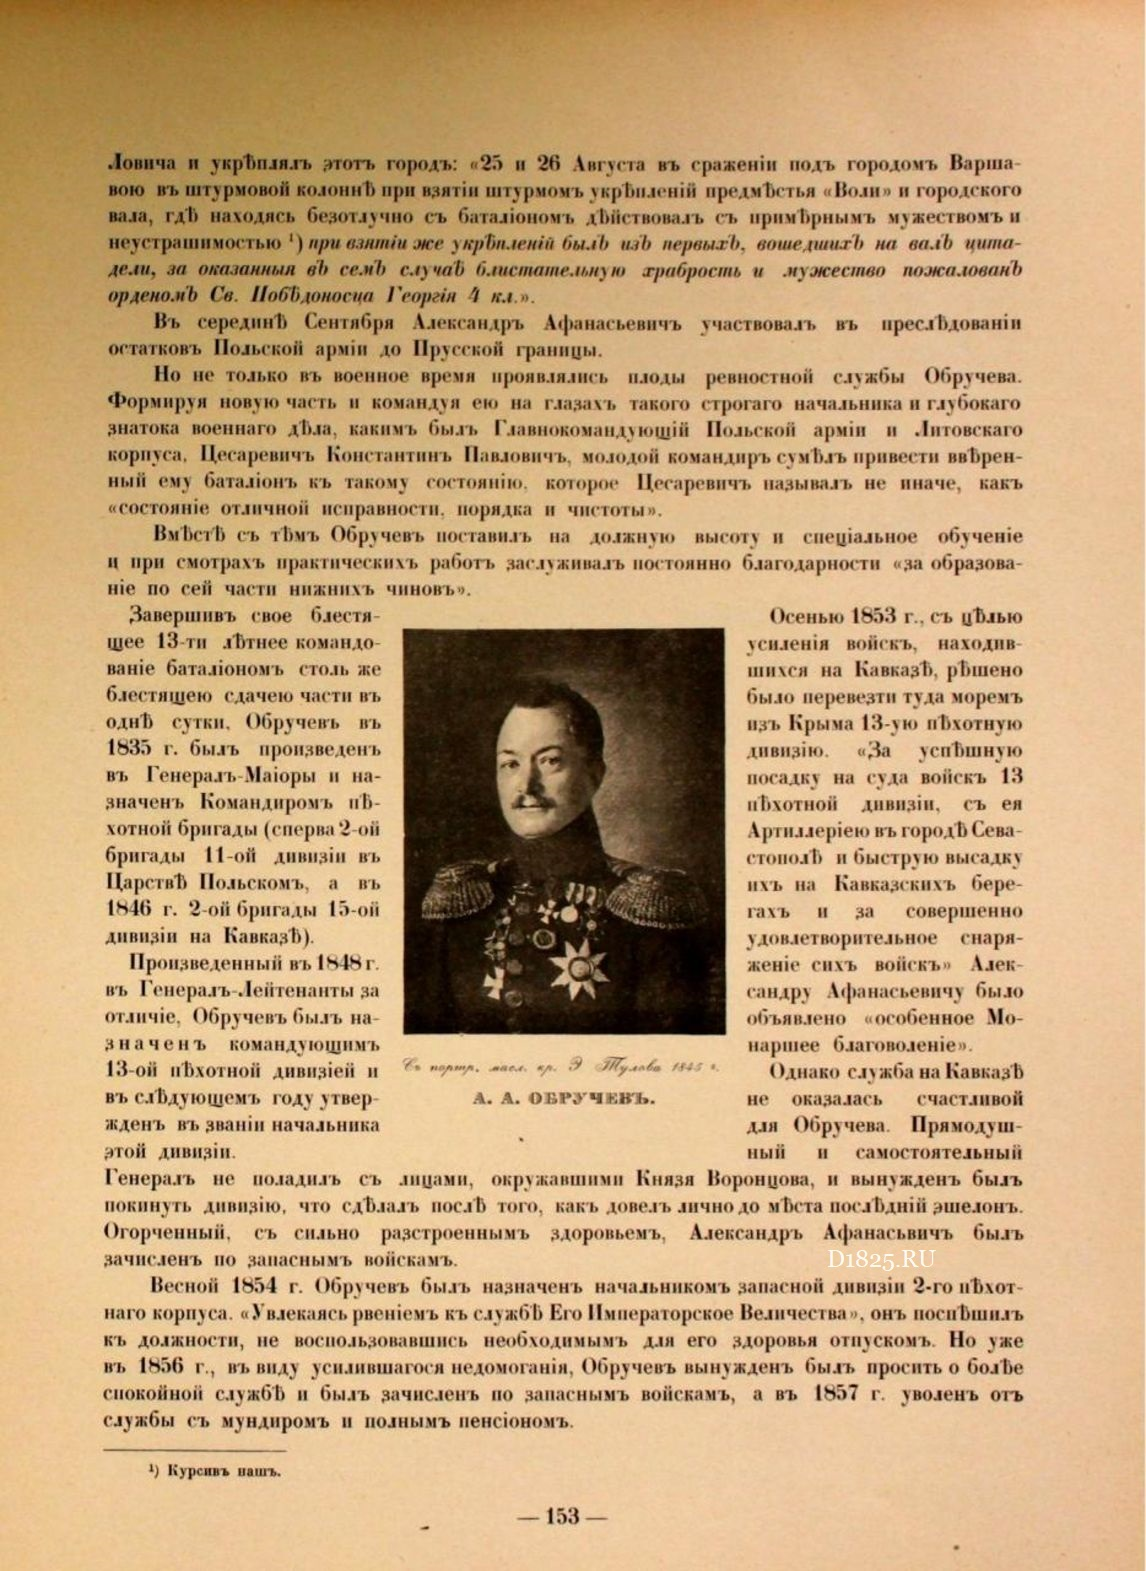 http://forumstatic.ru/files/001a/7d/26/22432.jpg